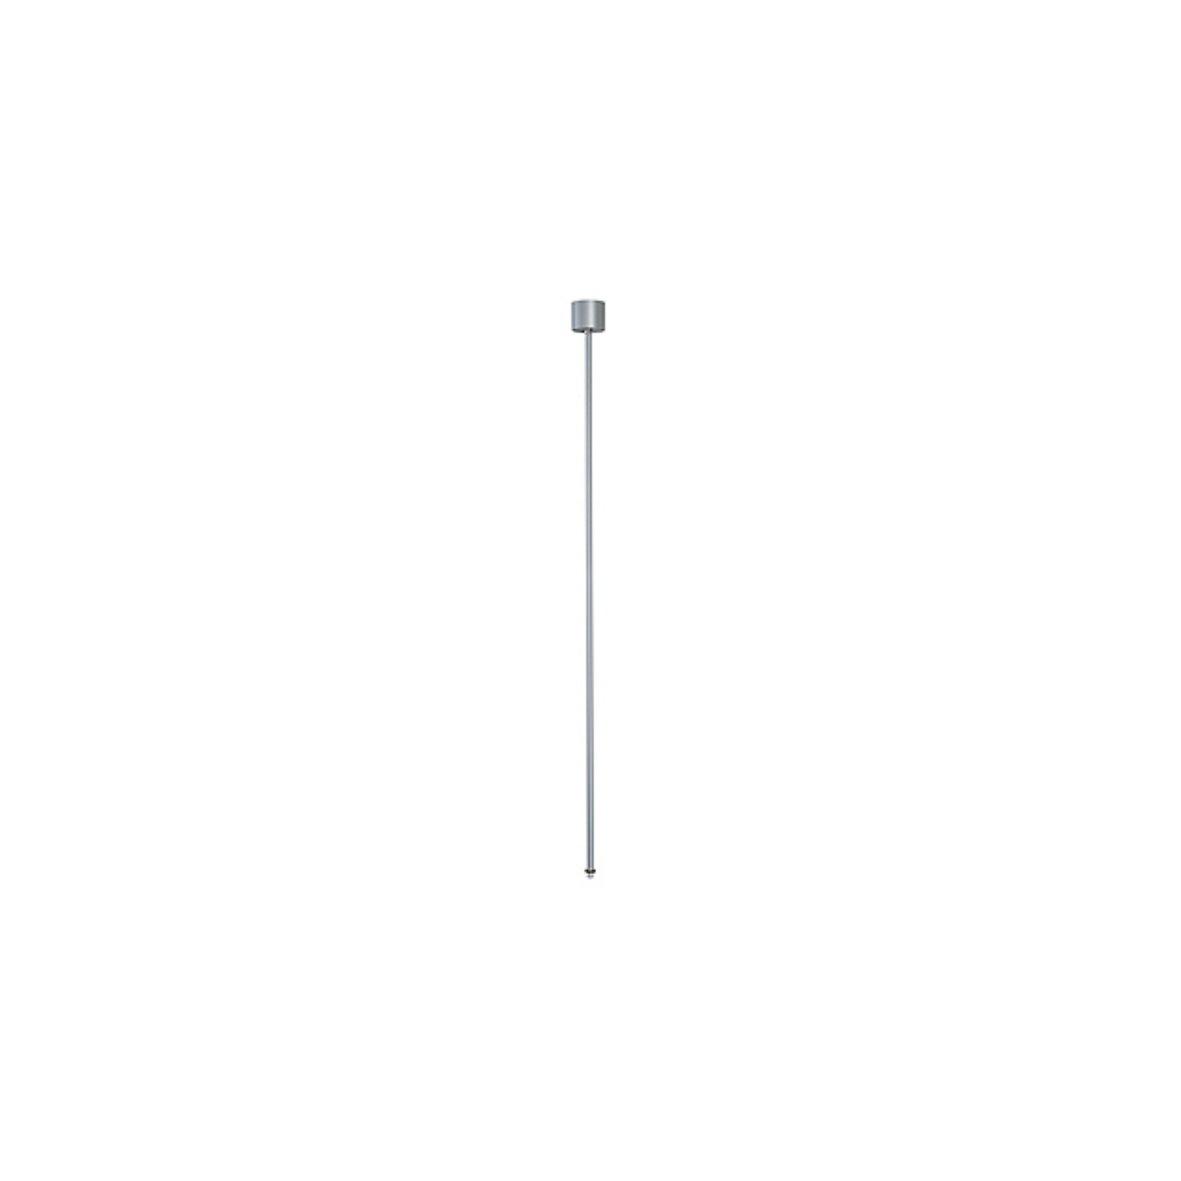 3 phasen strom turn signal brake light wiring diagram zubehör komponente eutrac stromschiene